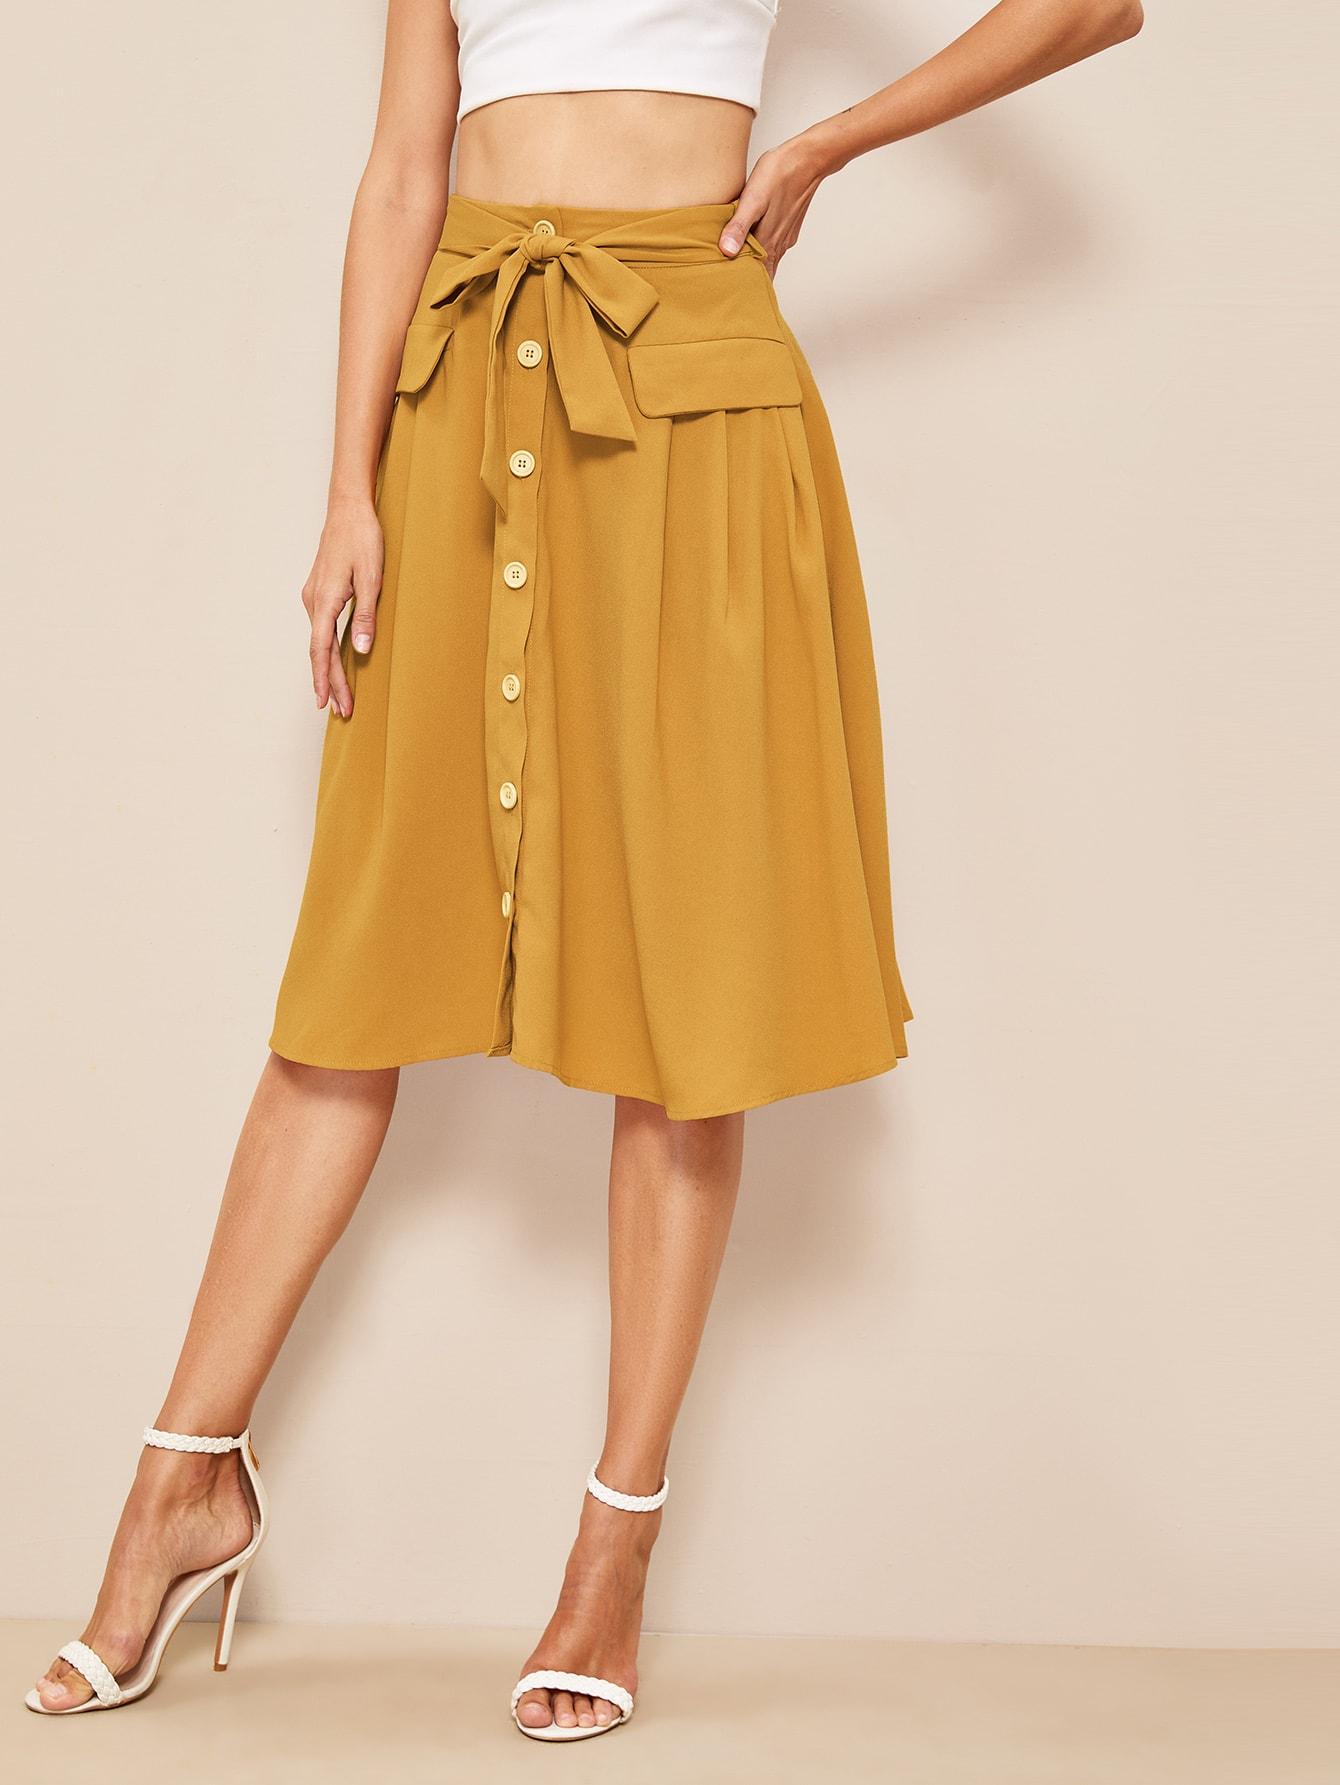 Фото - Расклешенная юбка с поясом и пуговицами от SheIn желтого цвета